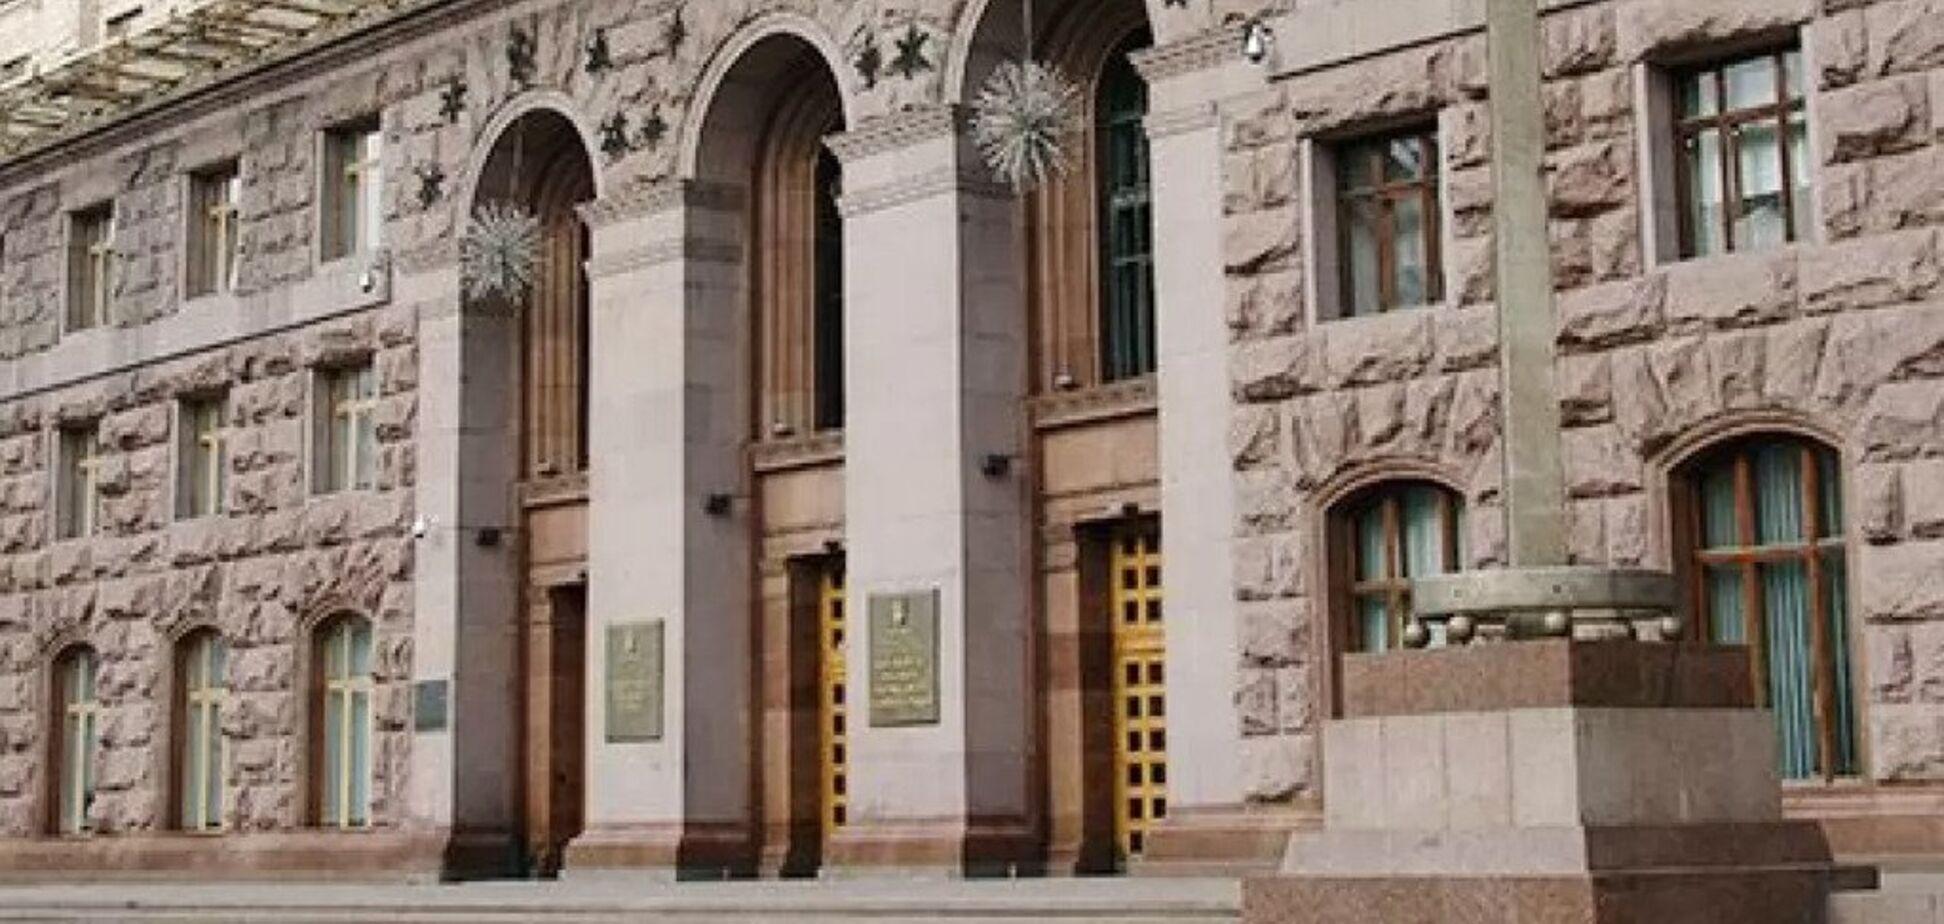 Понад 50% киян оцінюють життя в столиці як комфортне — КМДА